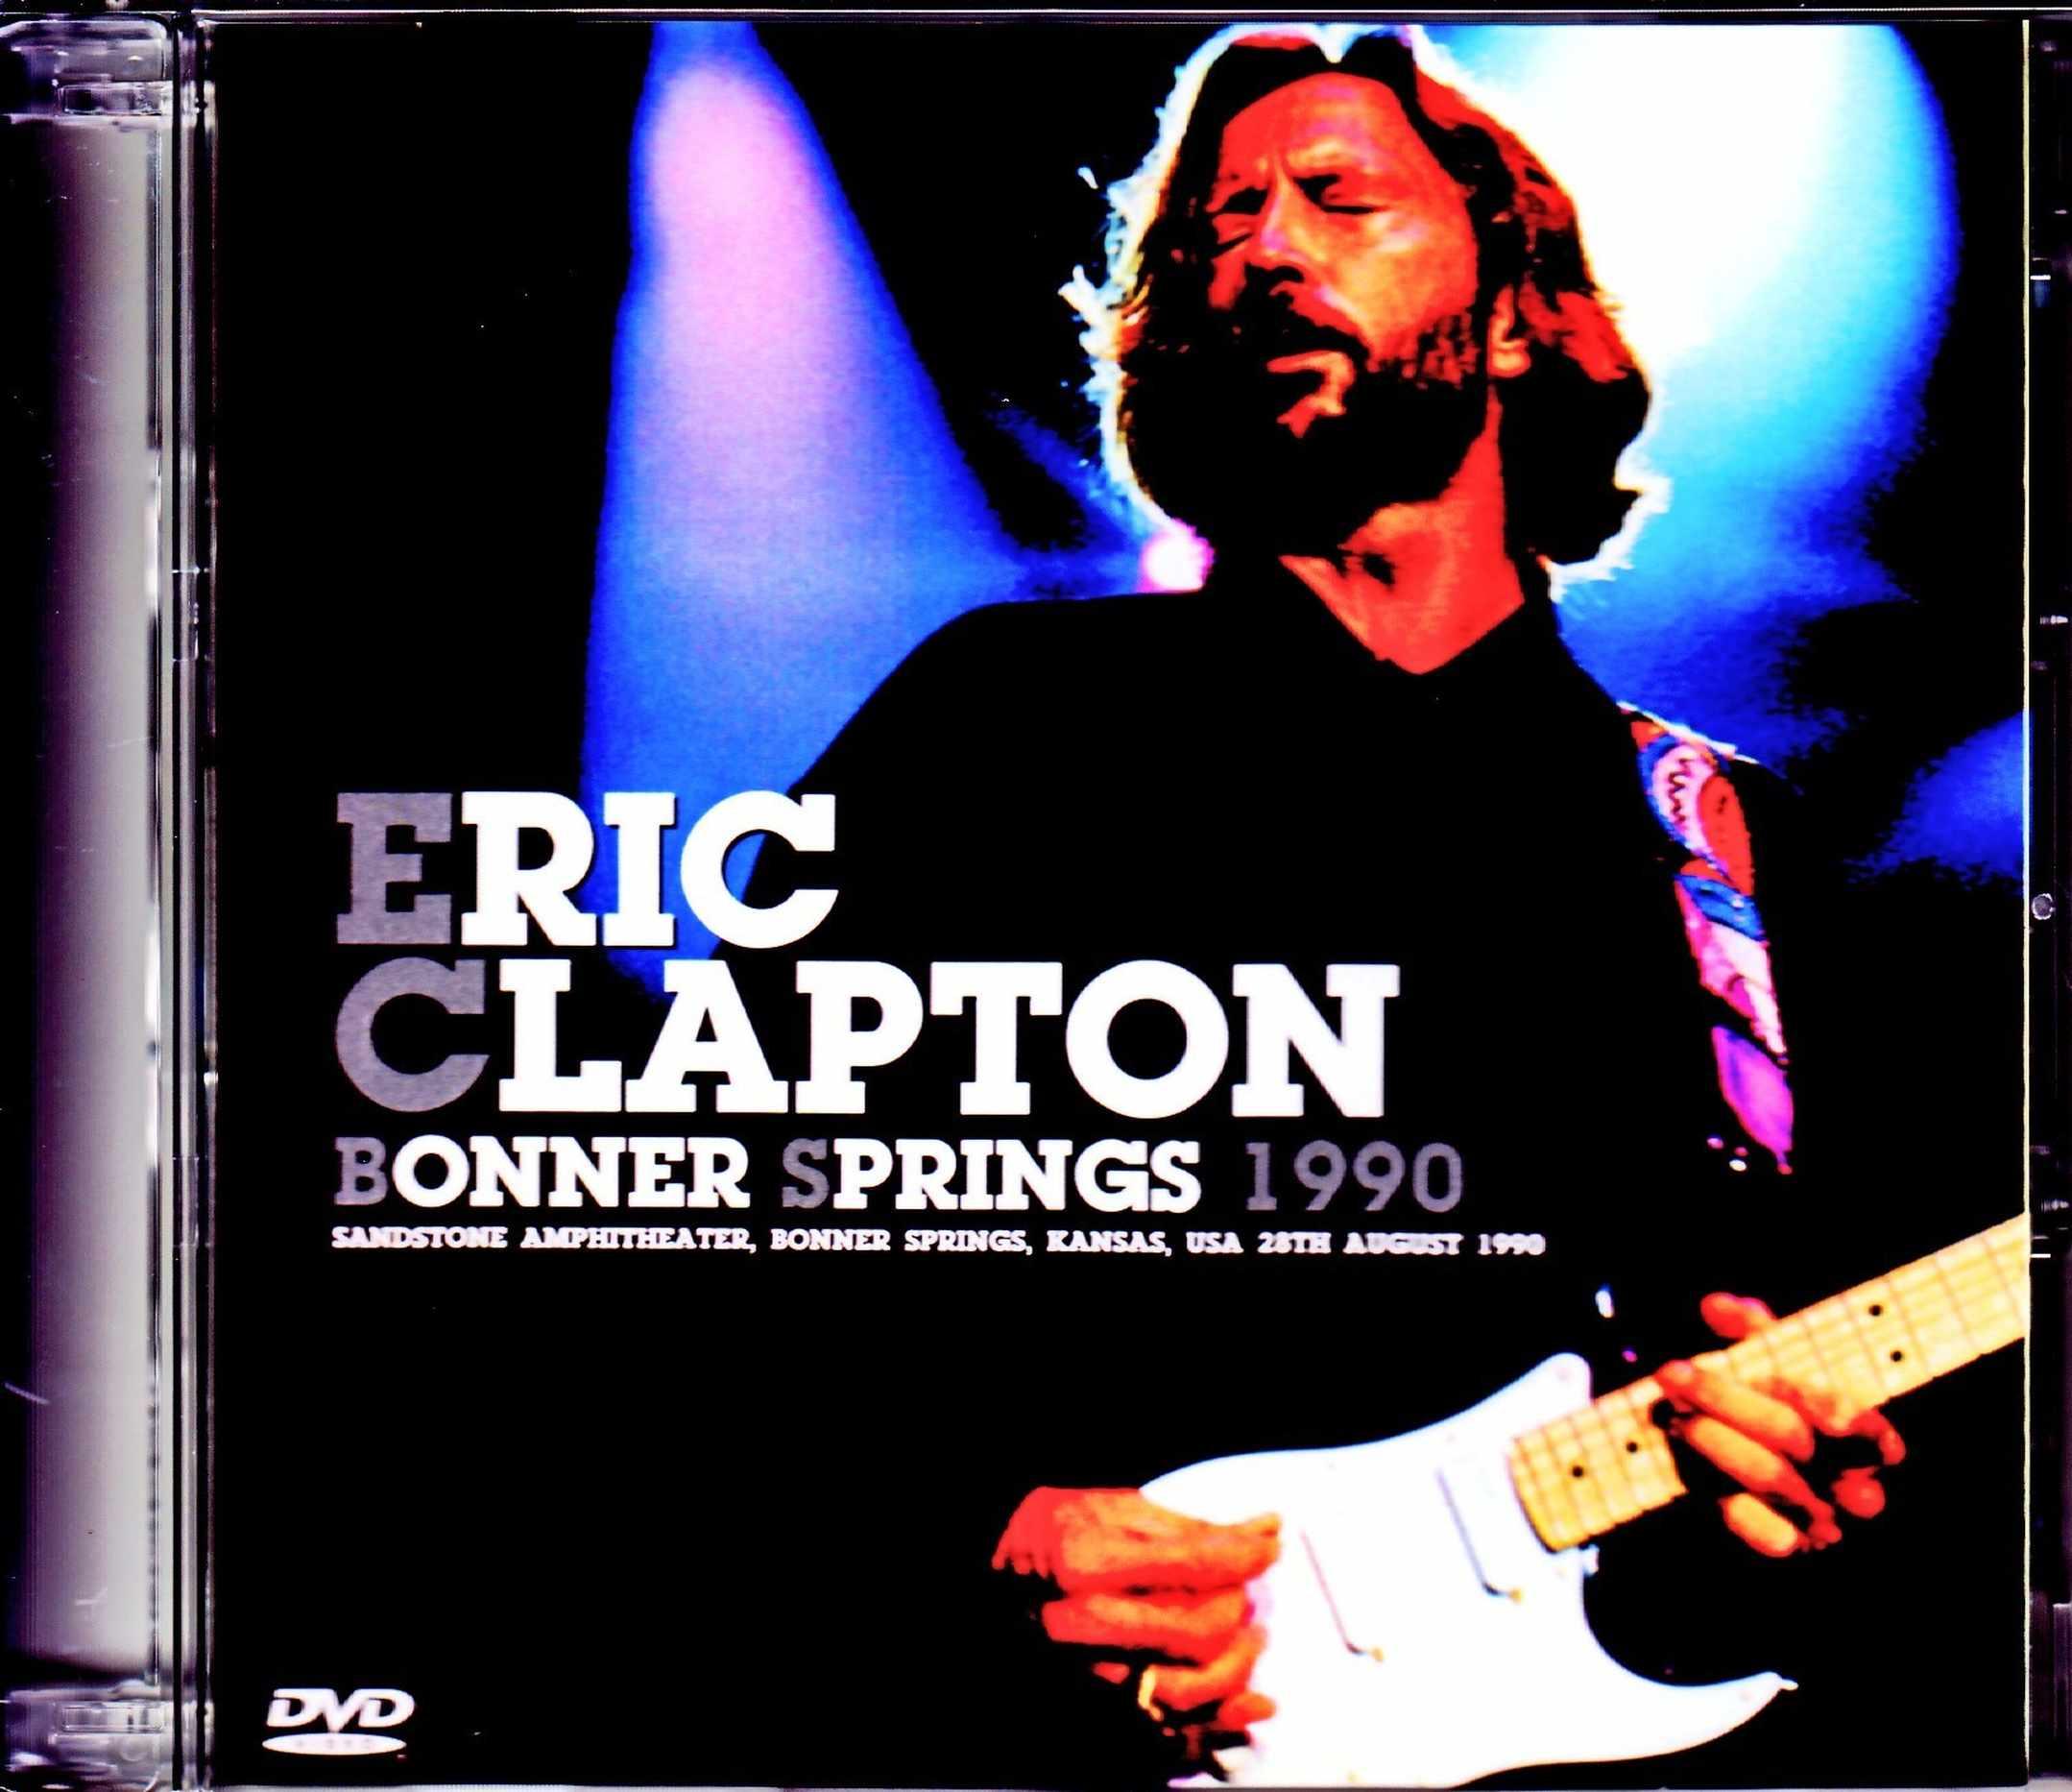 Eric Clapton エリック・クラプトン/KS,USA 1990 8mm Masters